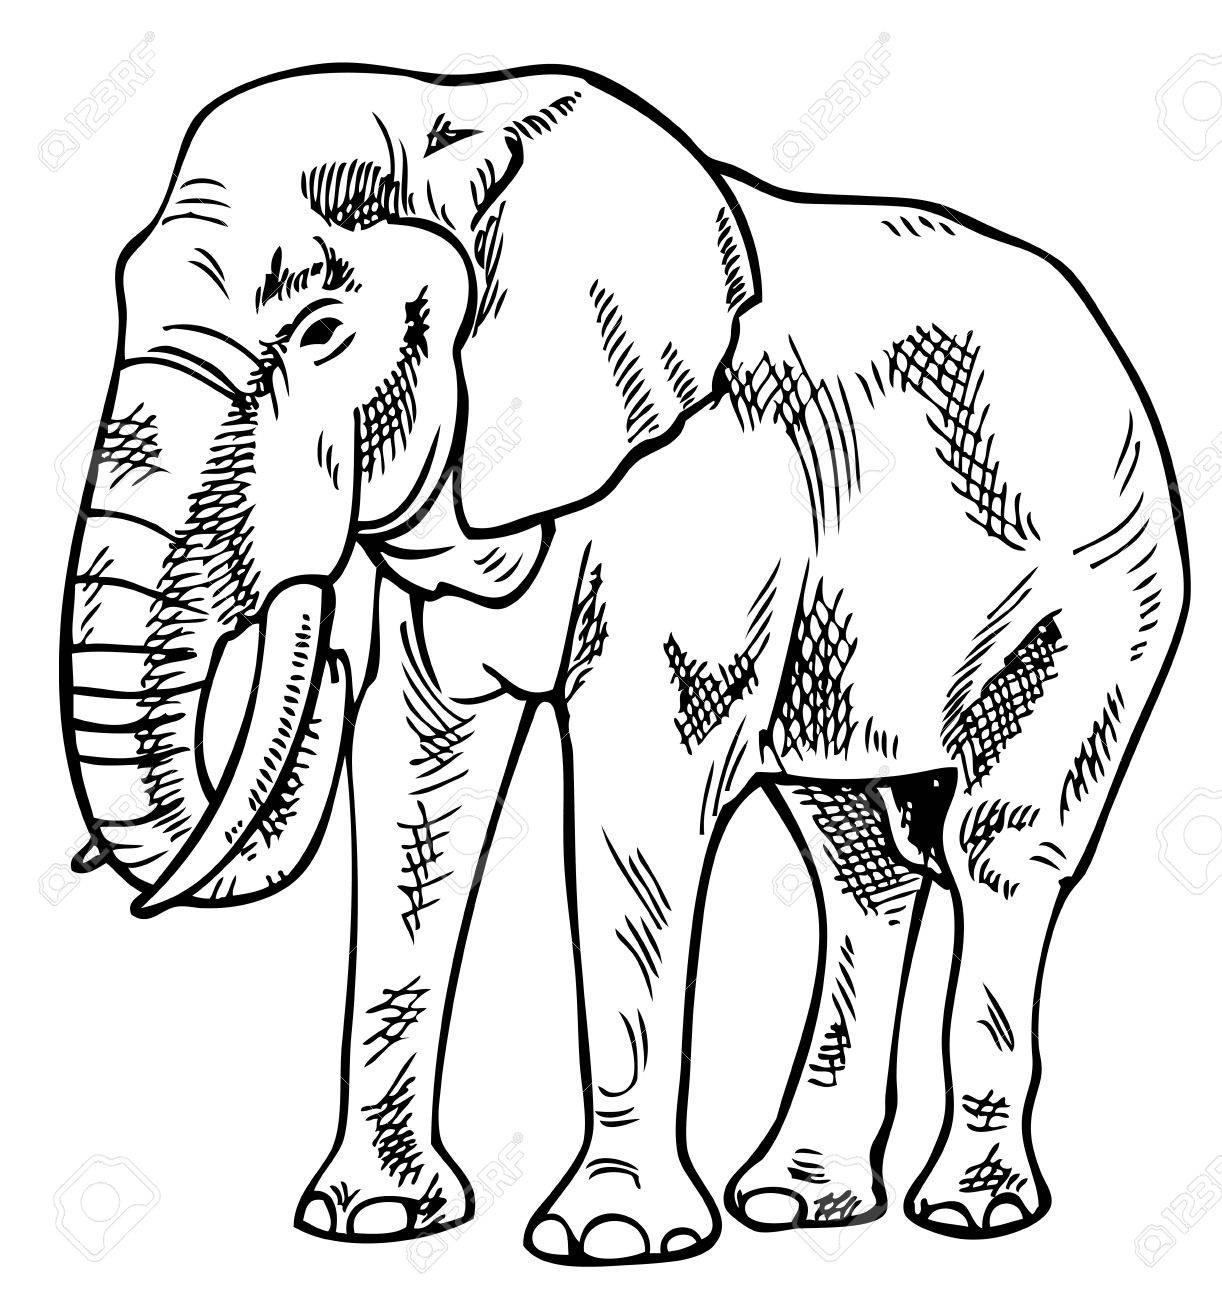 Dessin D Un Éléphant dessin d'un éléphant sur un fond blanc clip art libres de droits